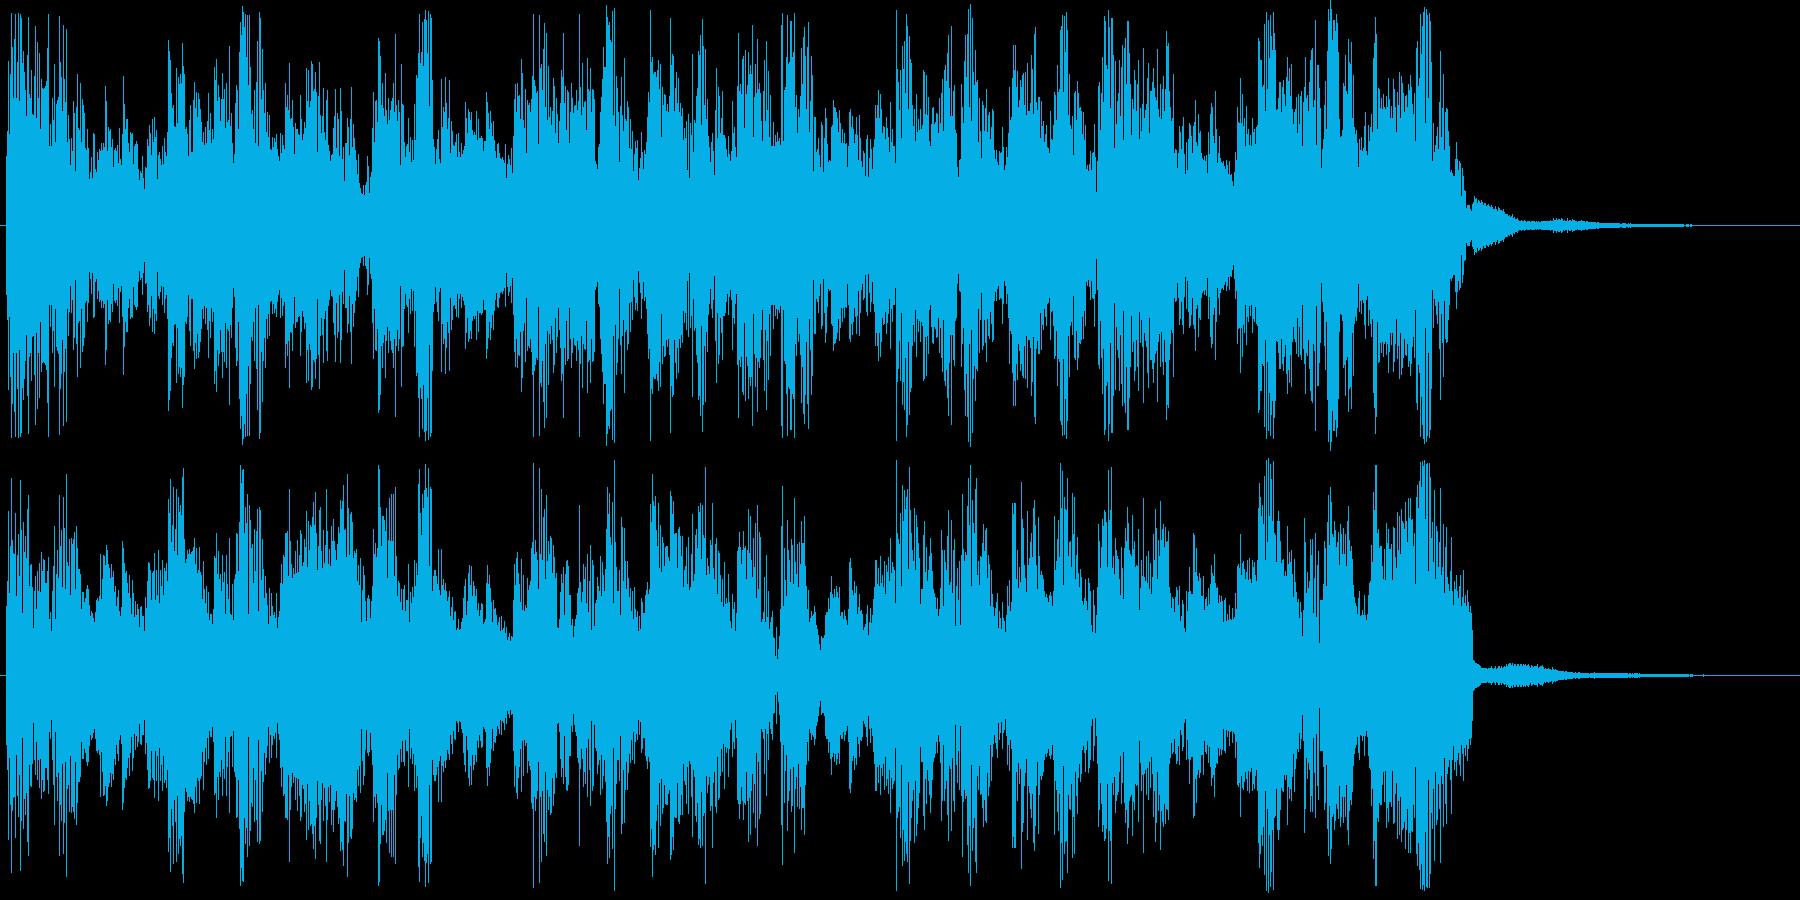 リズミックに上昇するSEジングルの再生済みの波形